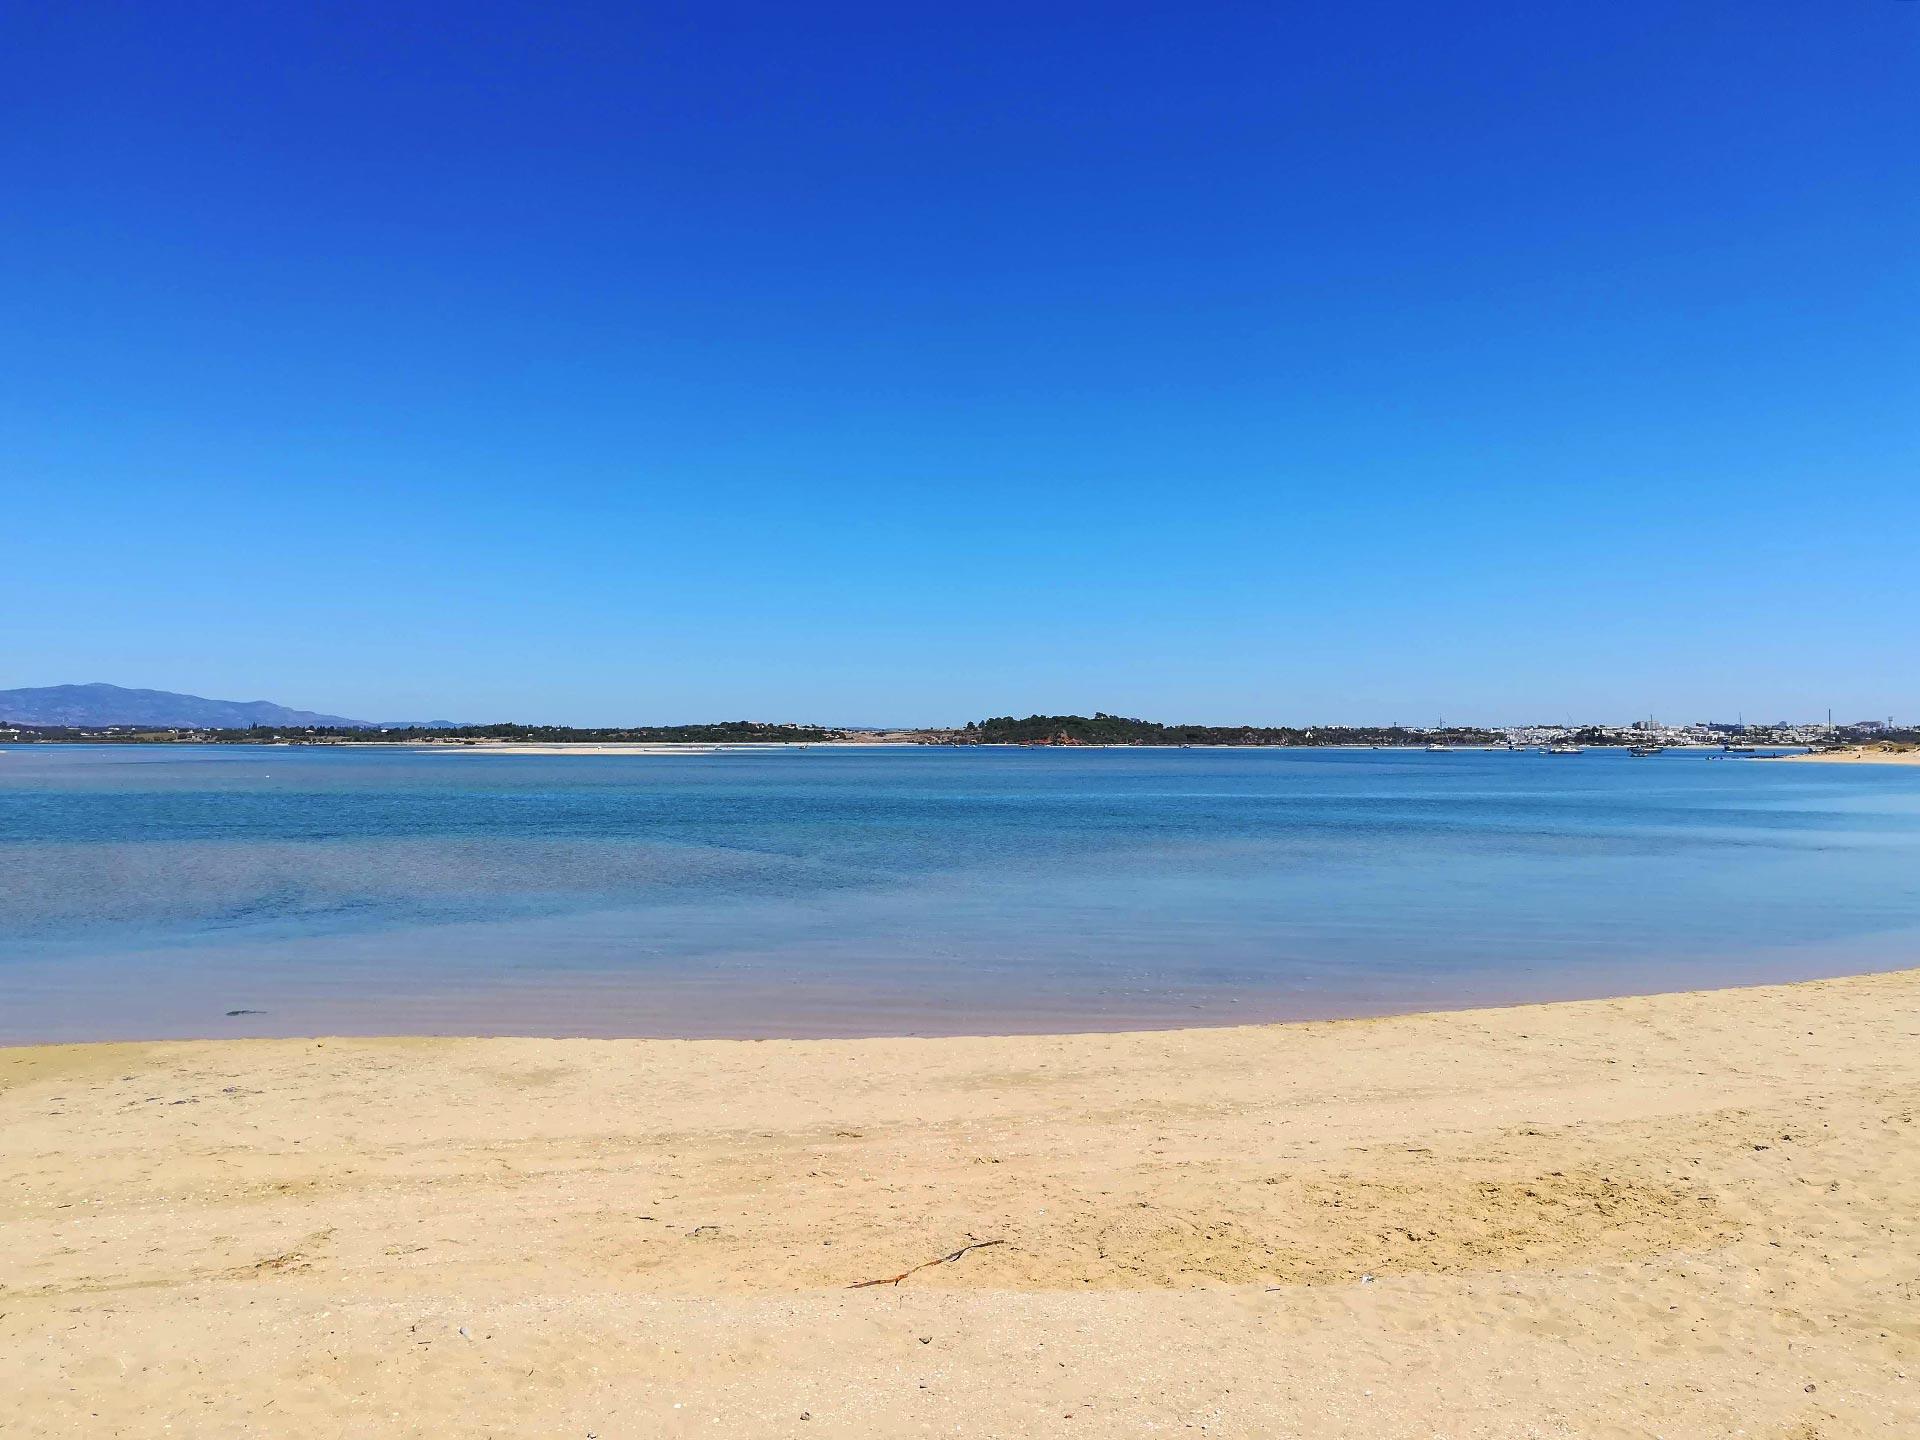 Particolare di Praia do Vale da Lama (spiaggia), Portimao, Portogallo